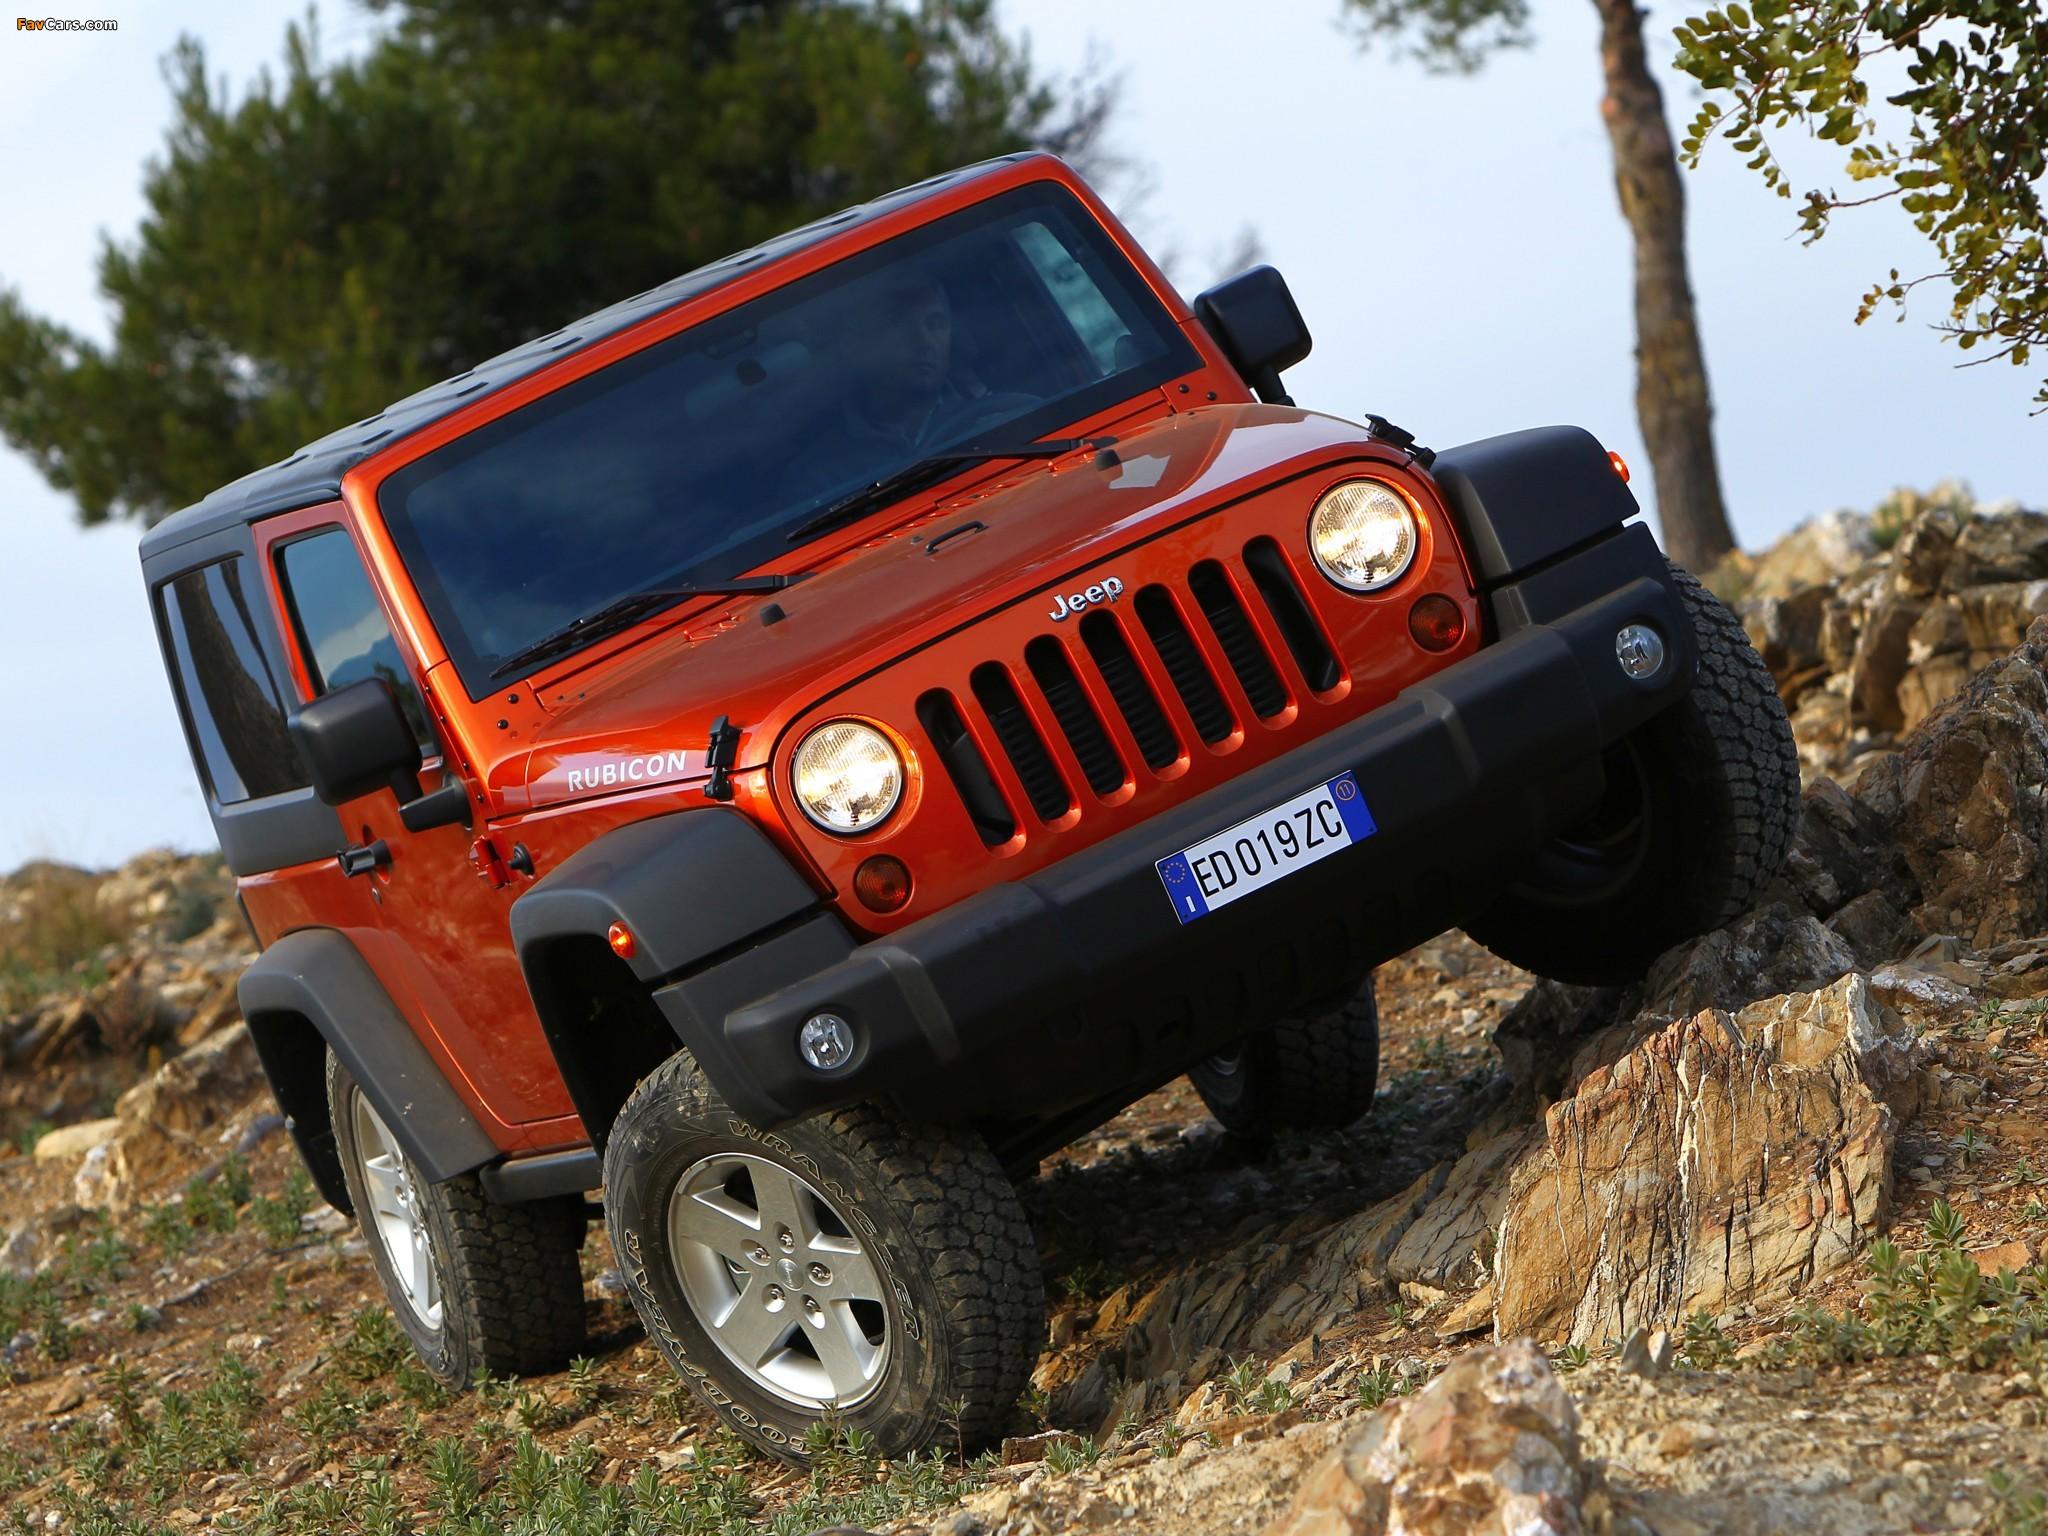 красный автомобиль джип ford sport trac red car jeep  № 3085946 бесплатно